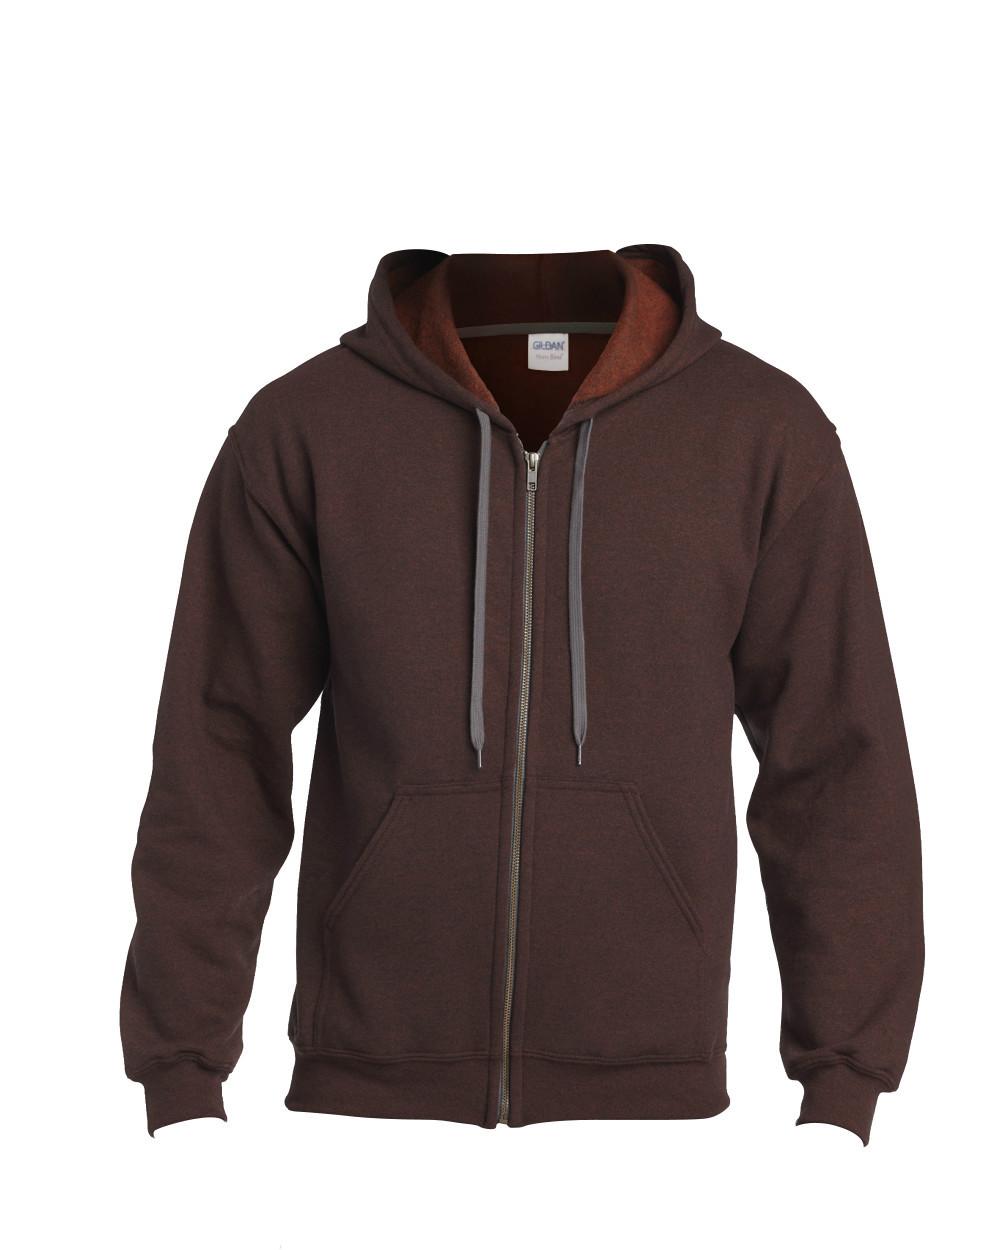 Gamer hoodies